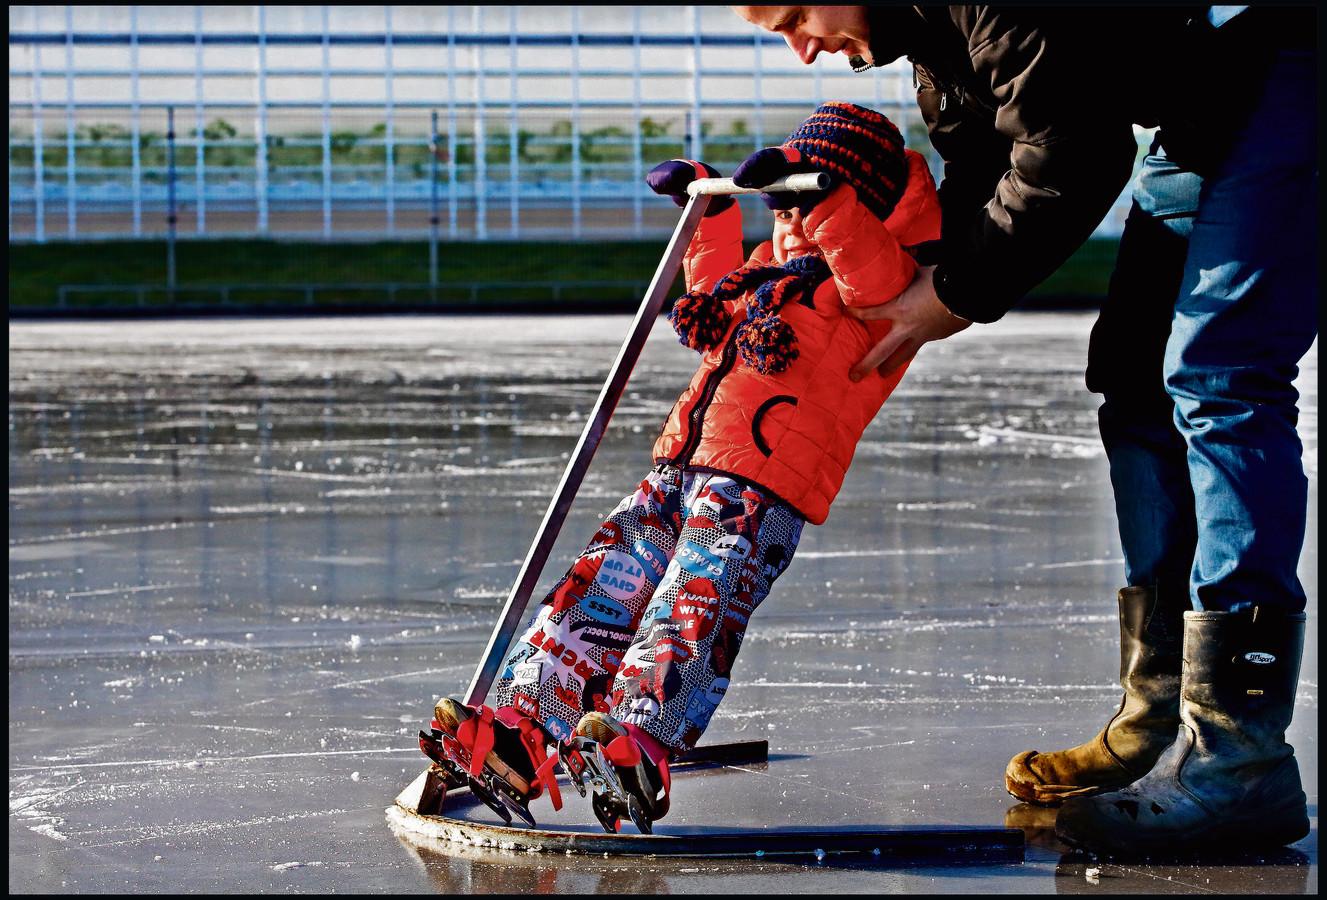 Als het een beetje vriest hebben we meteen schaatskoorts.